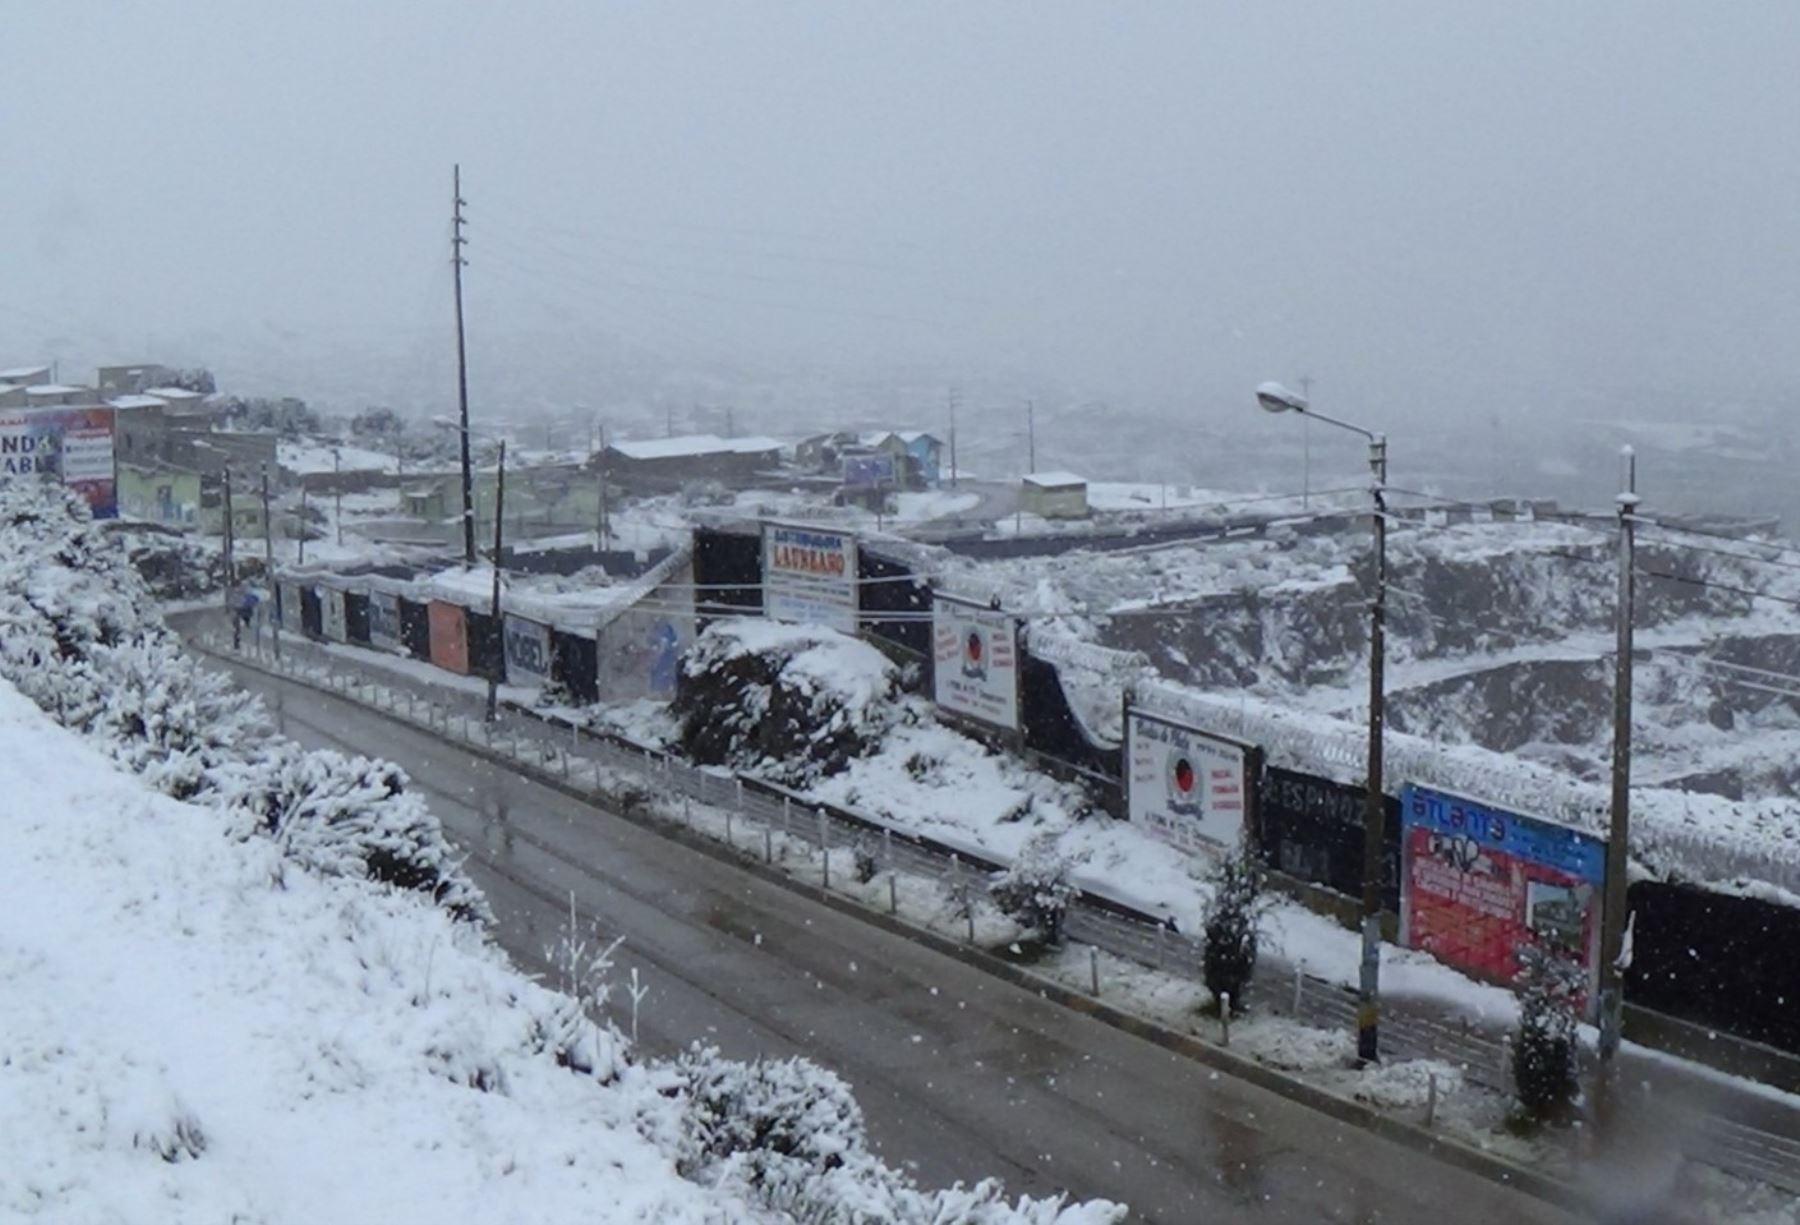 El Senamhi prevé nieve en localidades sobre los 4000 metros de altura de la Sierra sur y granizo de forma aislada en localidades sobre los 3000 metros de altura. ANDINA